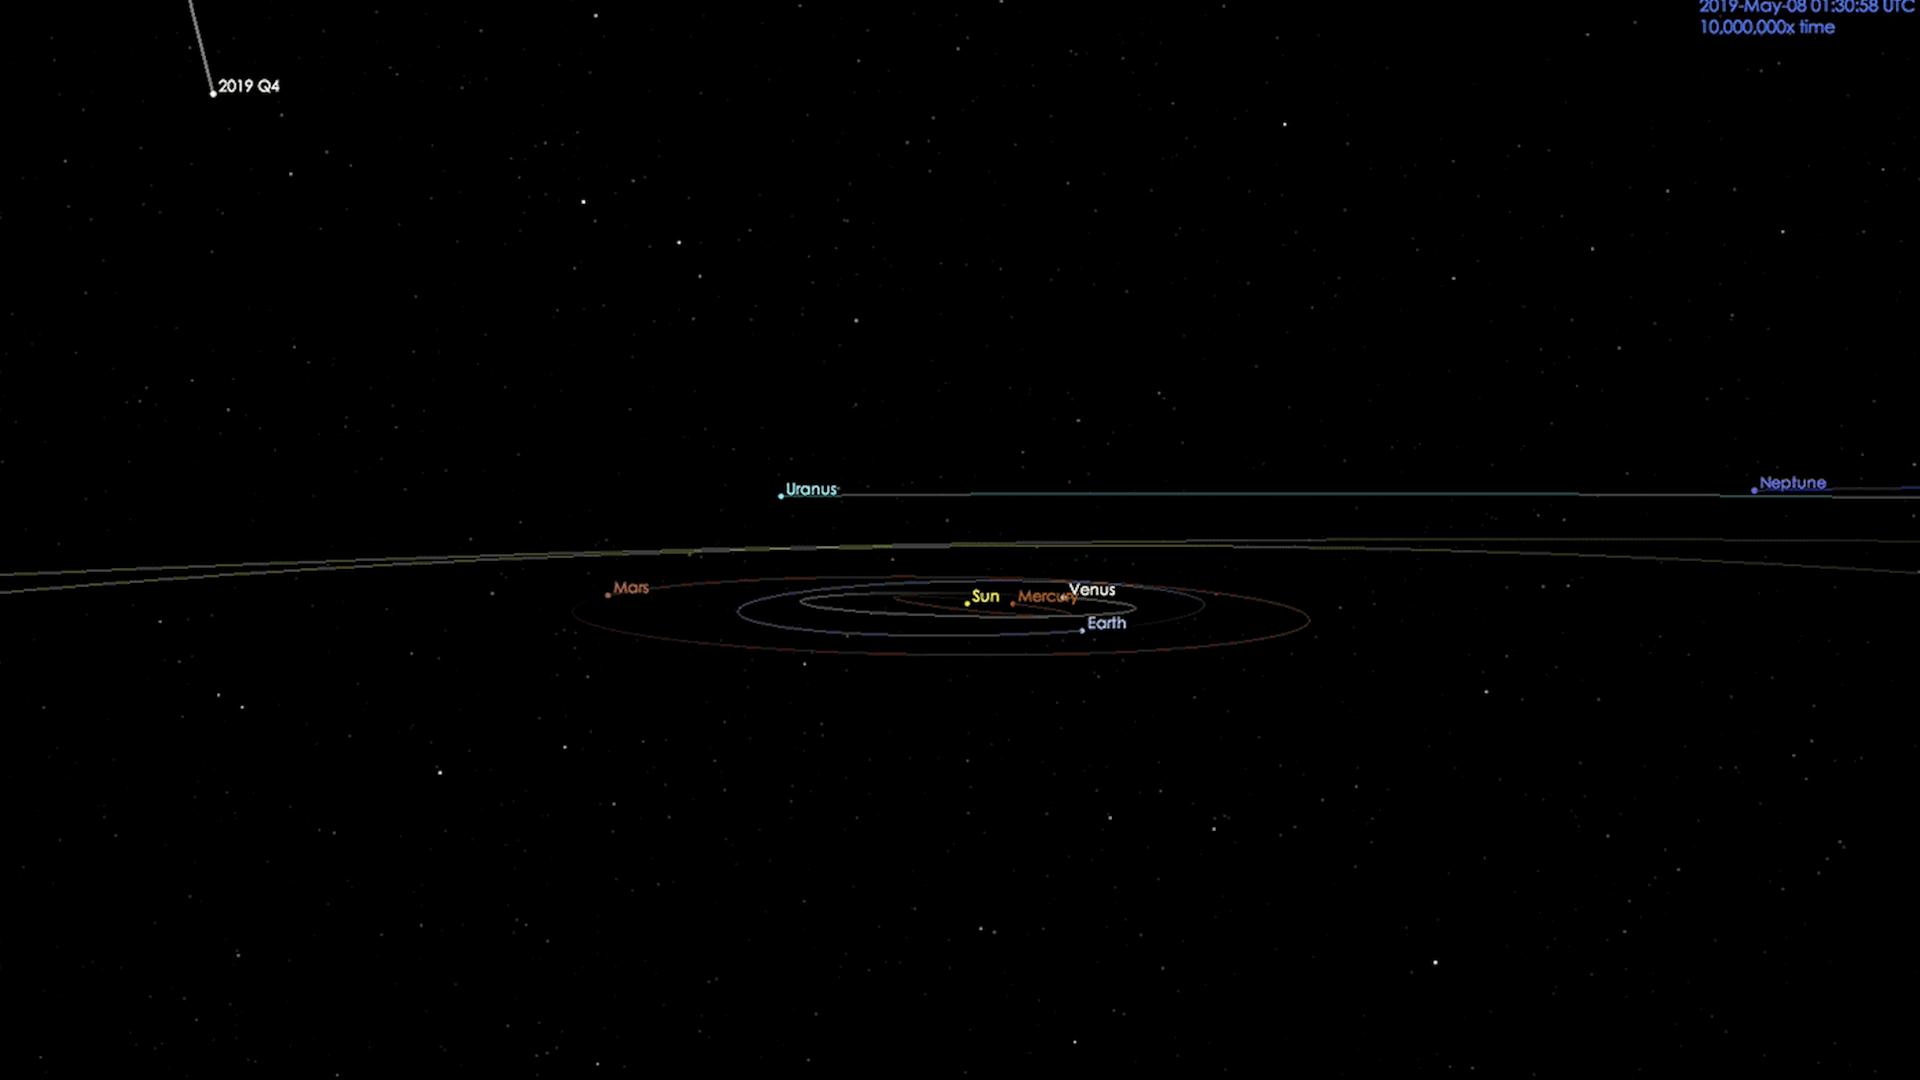 El nuevo cometa interestelar que llama la atención del mundo